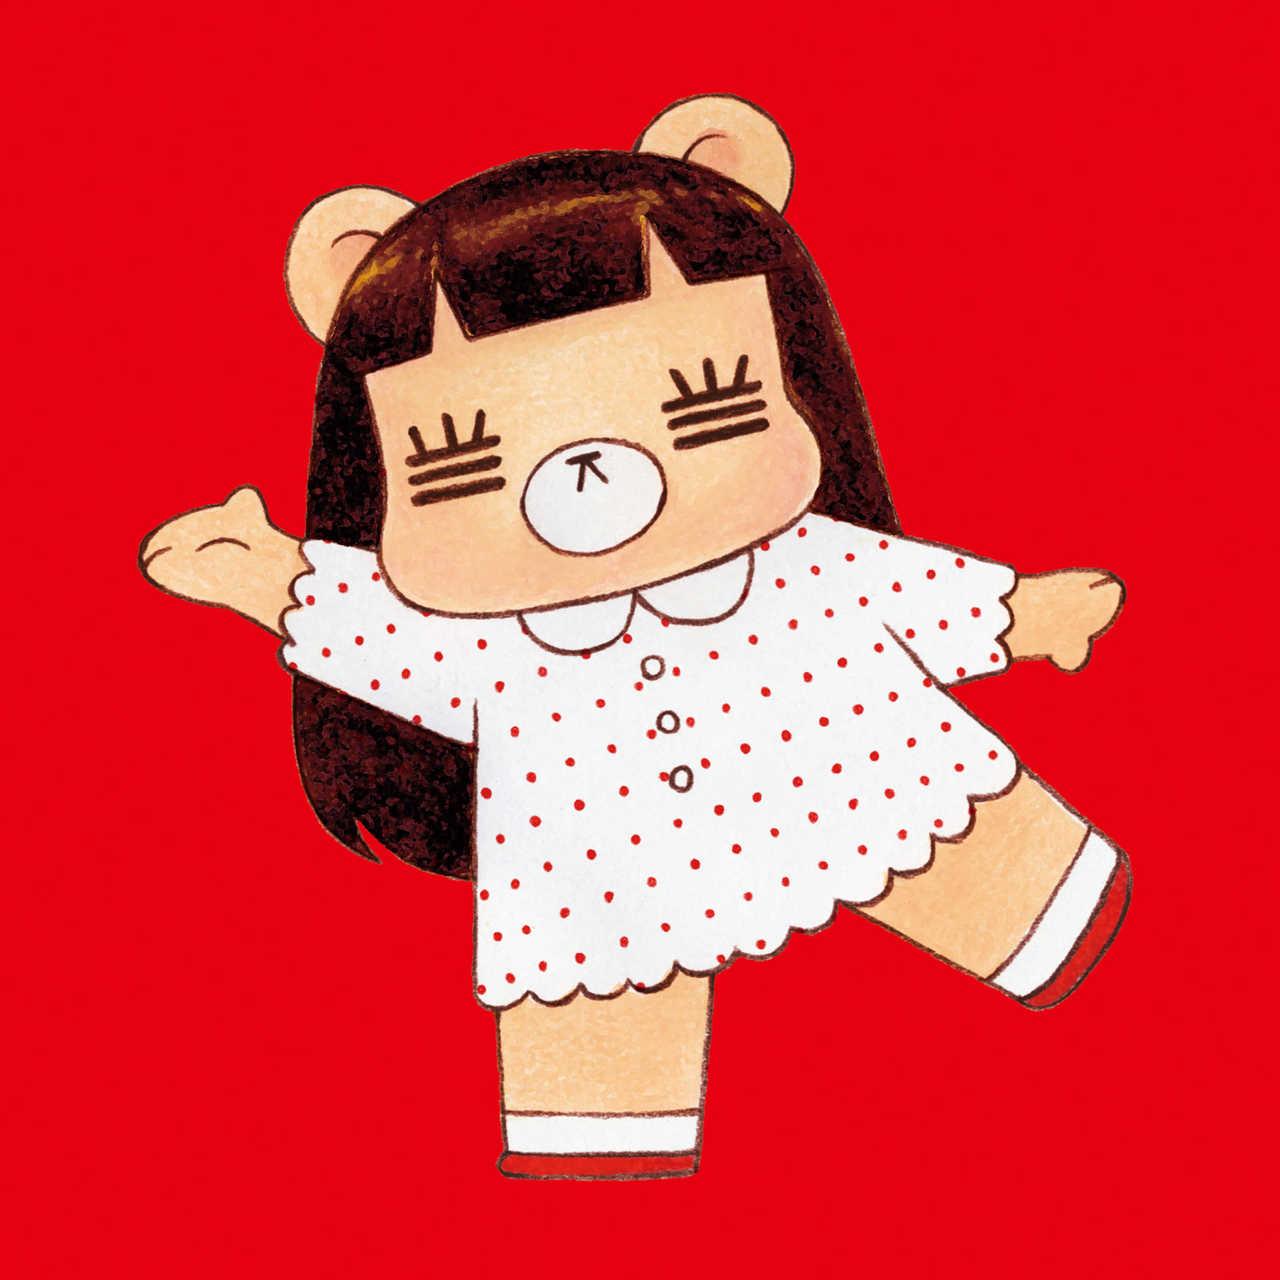 コレサワ、新曲「彼氏はいません今夜だけ」日本テレビ系「バズリズム02」8月 エンディングテーマに決定!